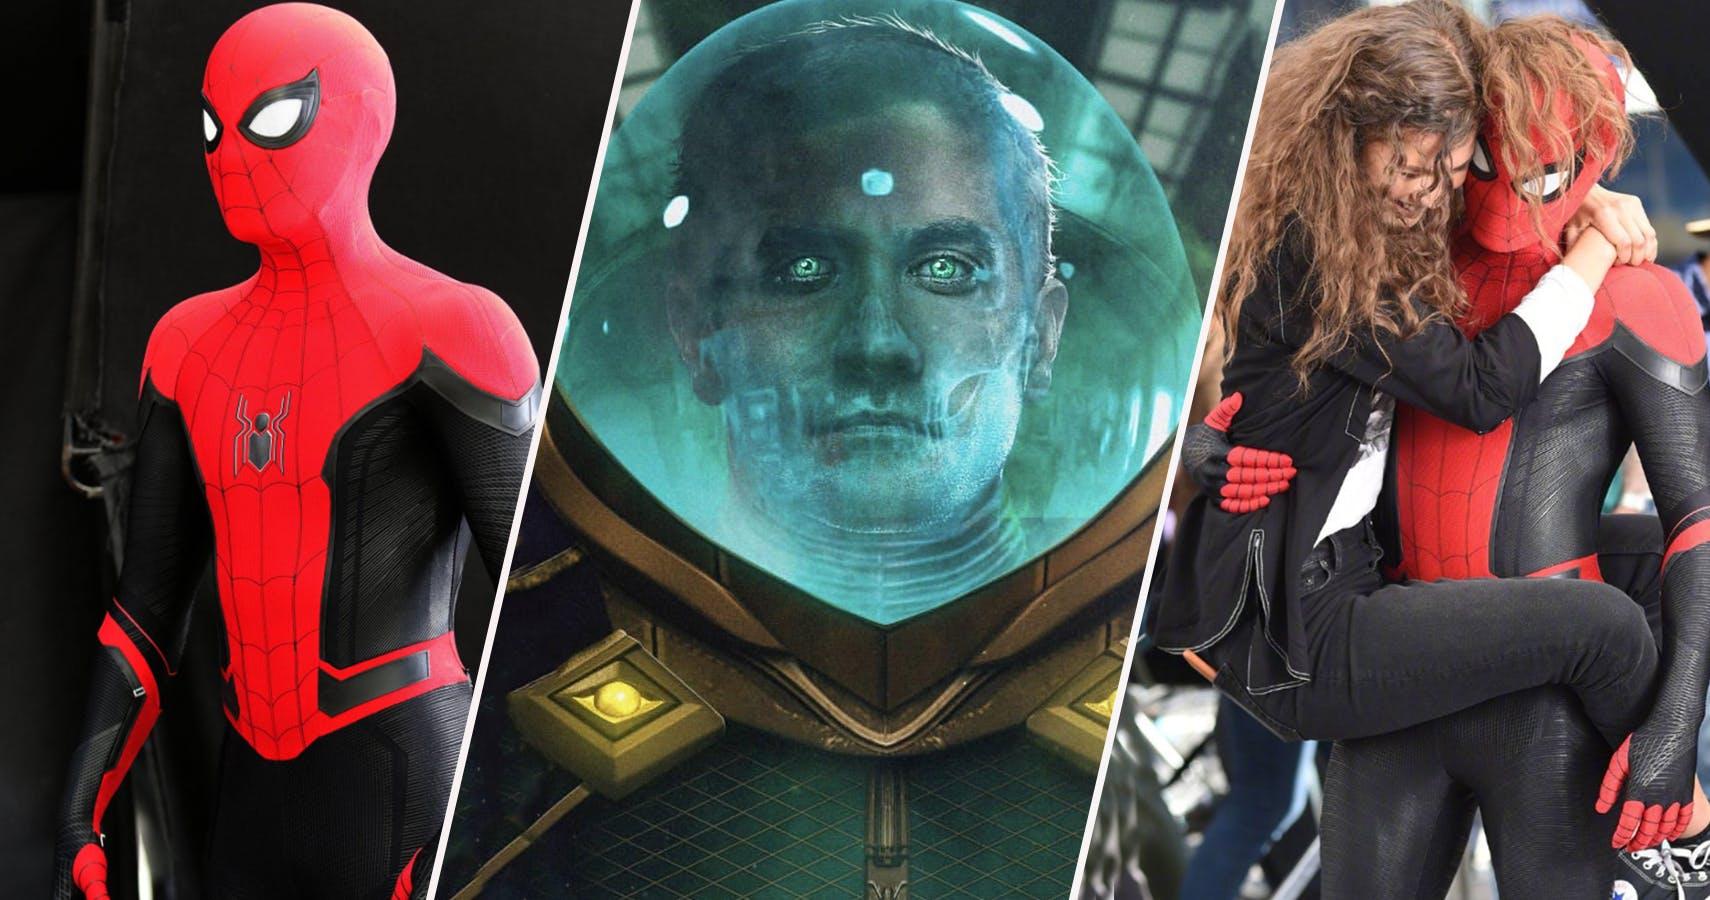 phim sieu anh hung 2019 02 bfd1e0 Chuẩn bị đón chào những siêu anh hùng sẽ công phá màn ảnh rộng 2019